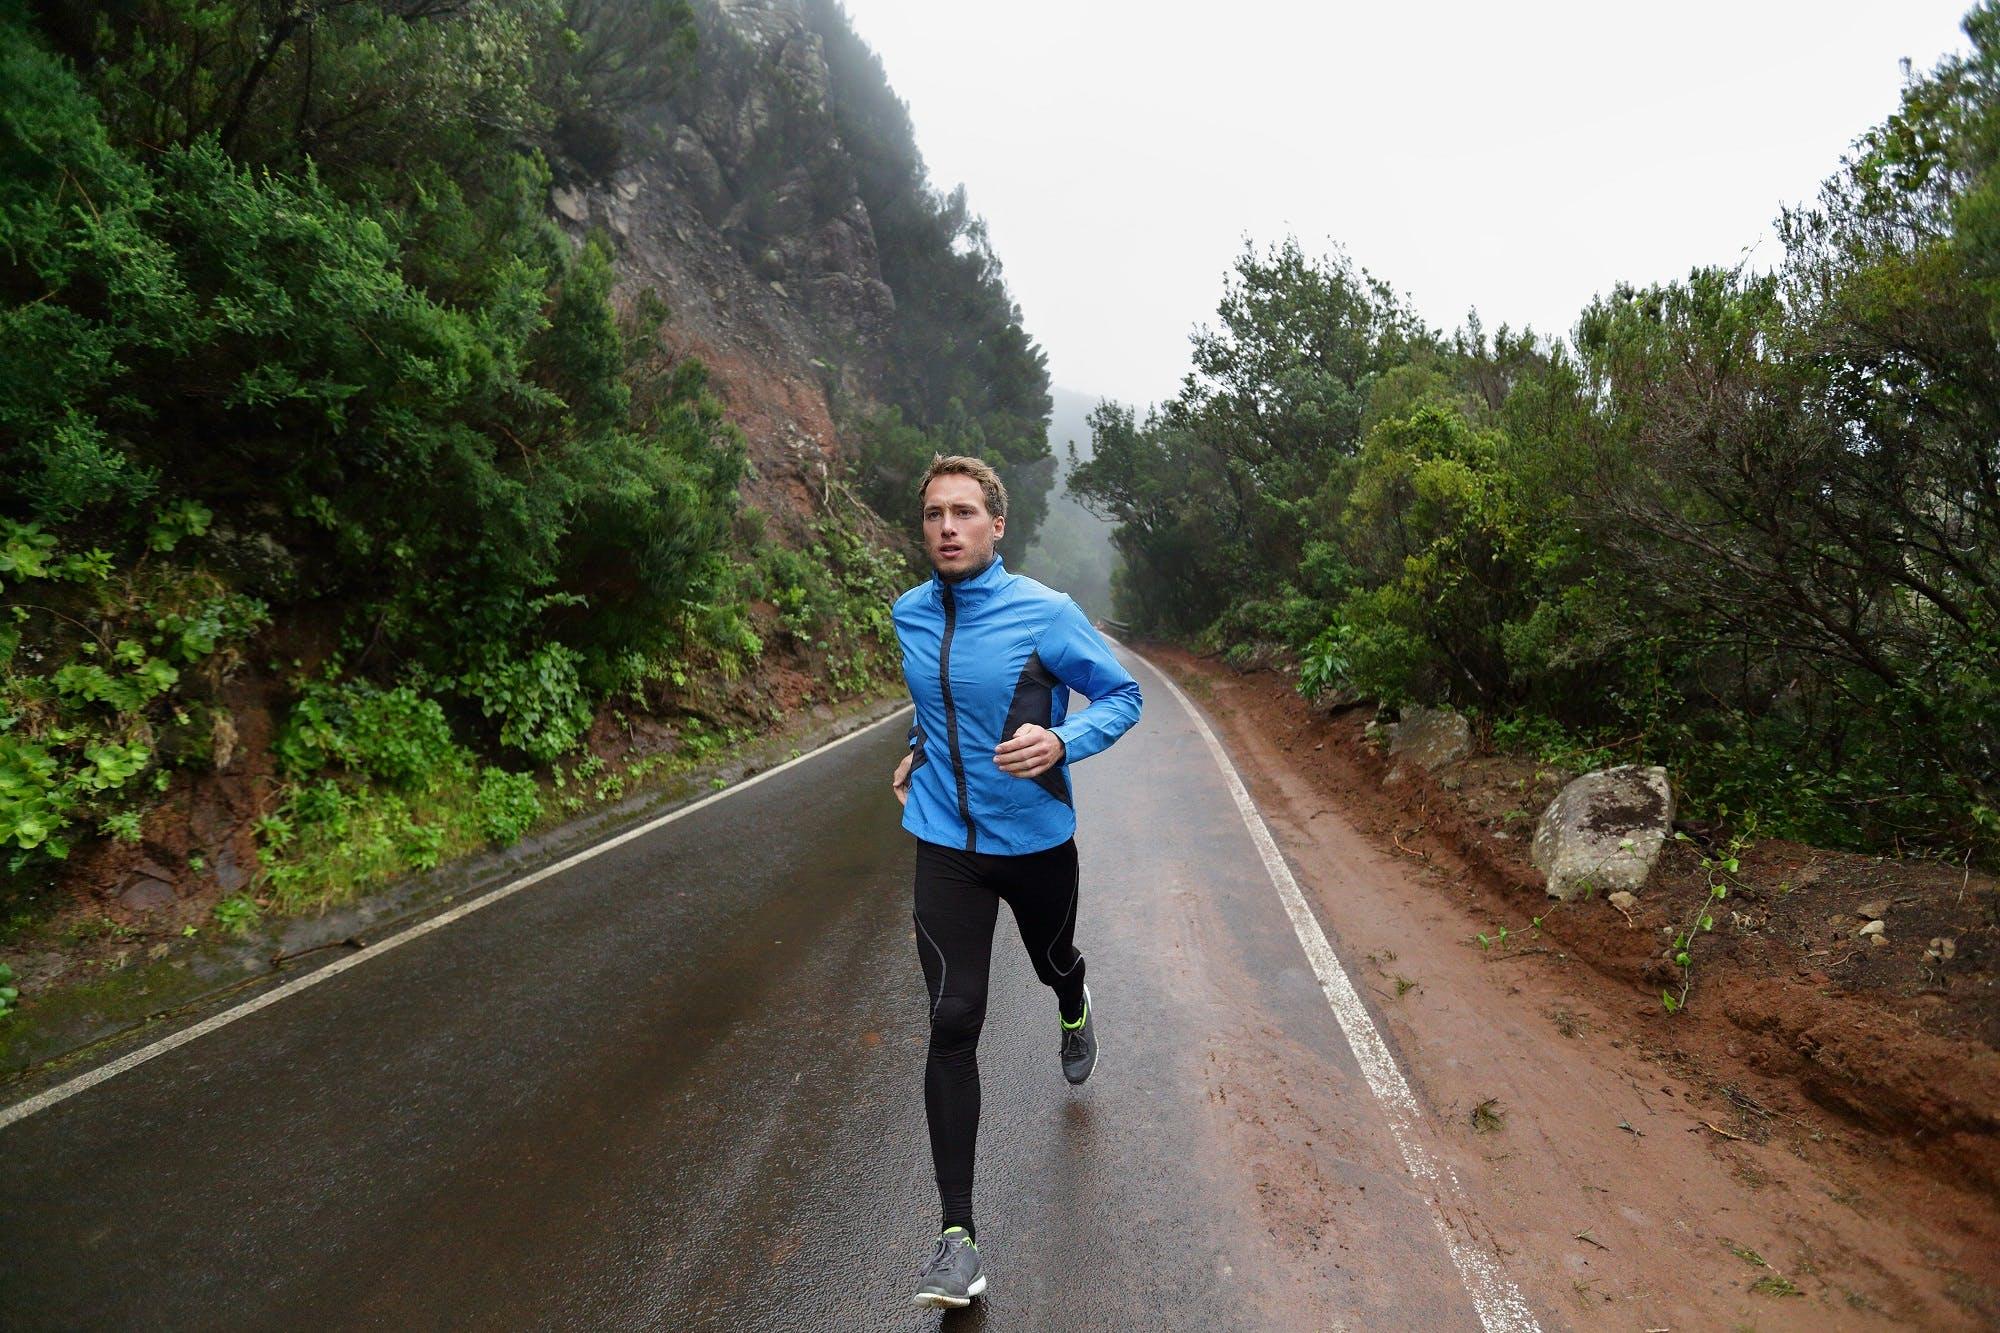 Πως επιδρά το long run στην προπόνηση μας;